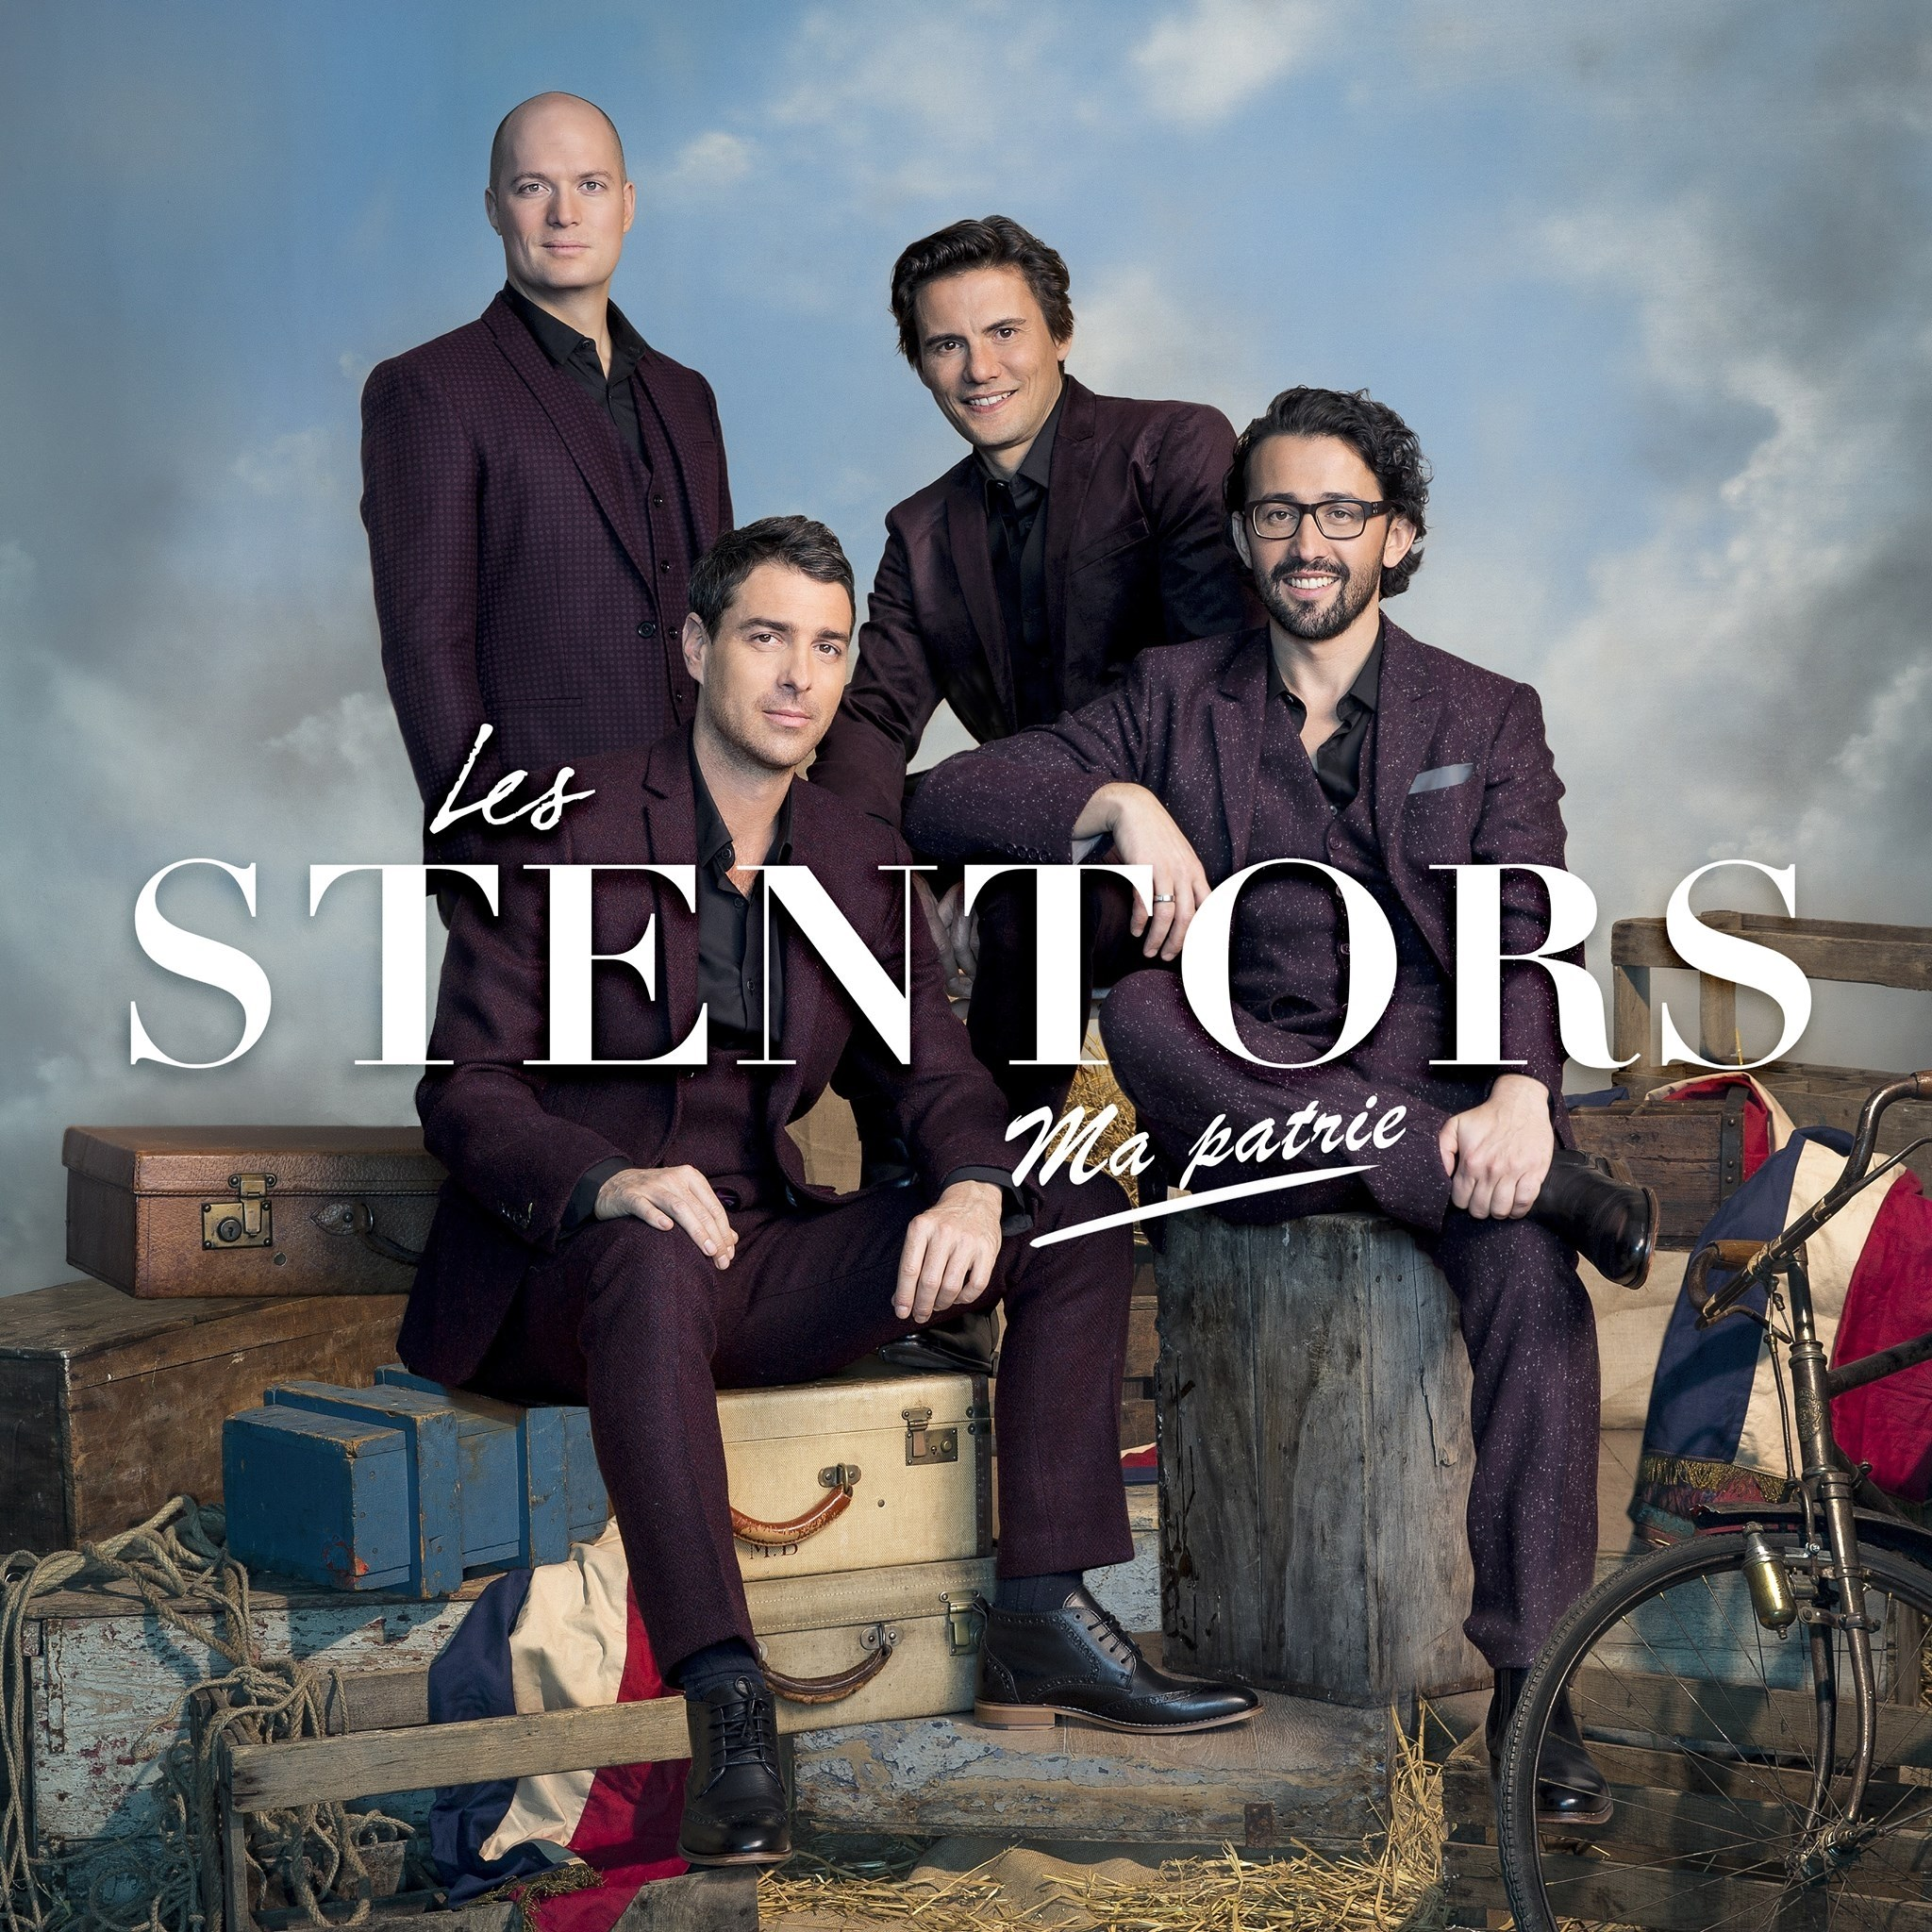 Les Stentors JustMusic.fr